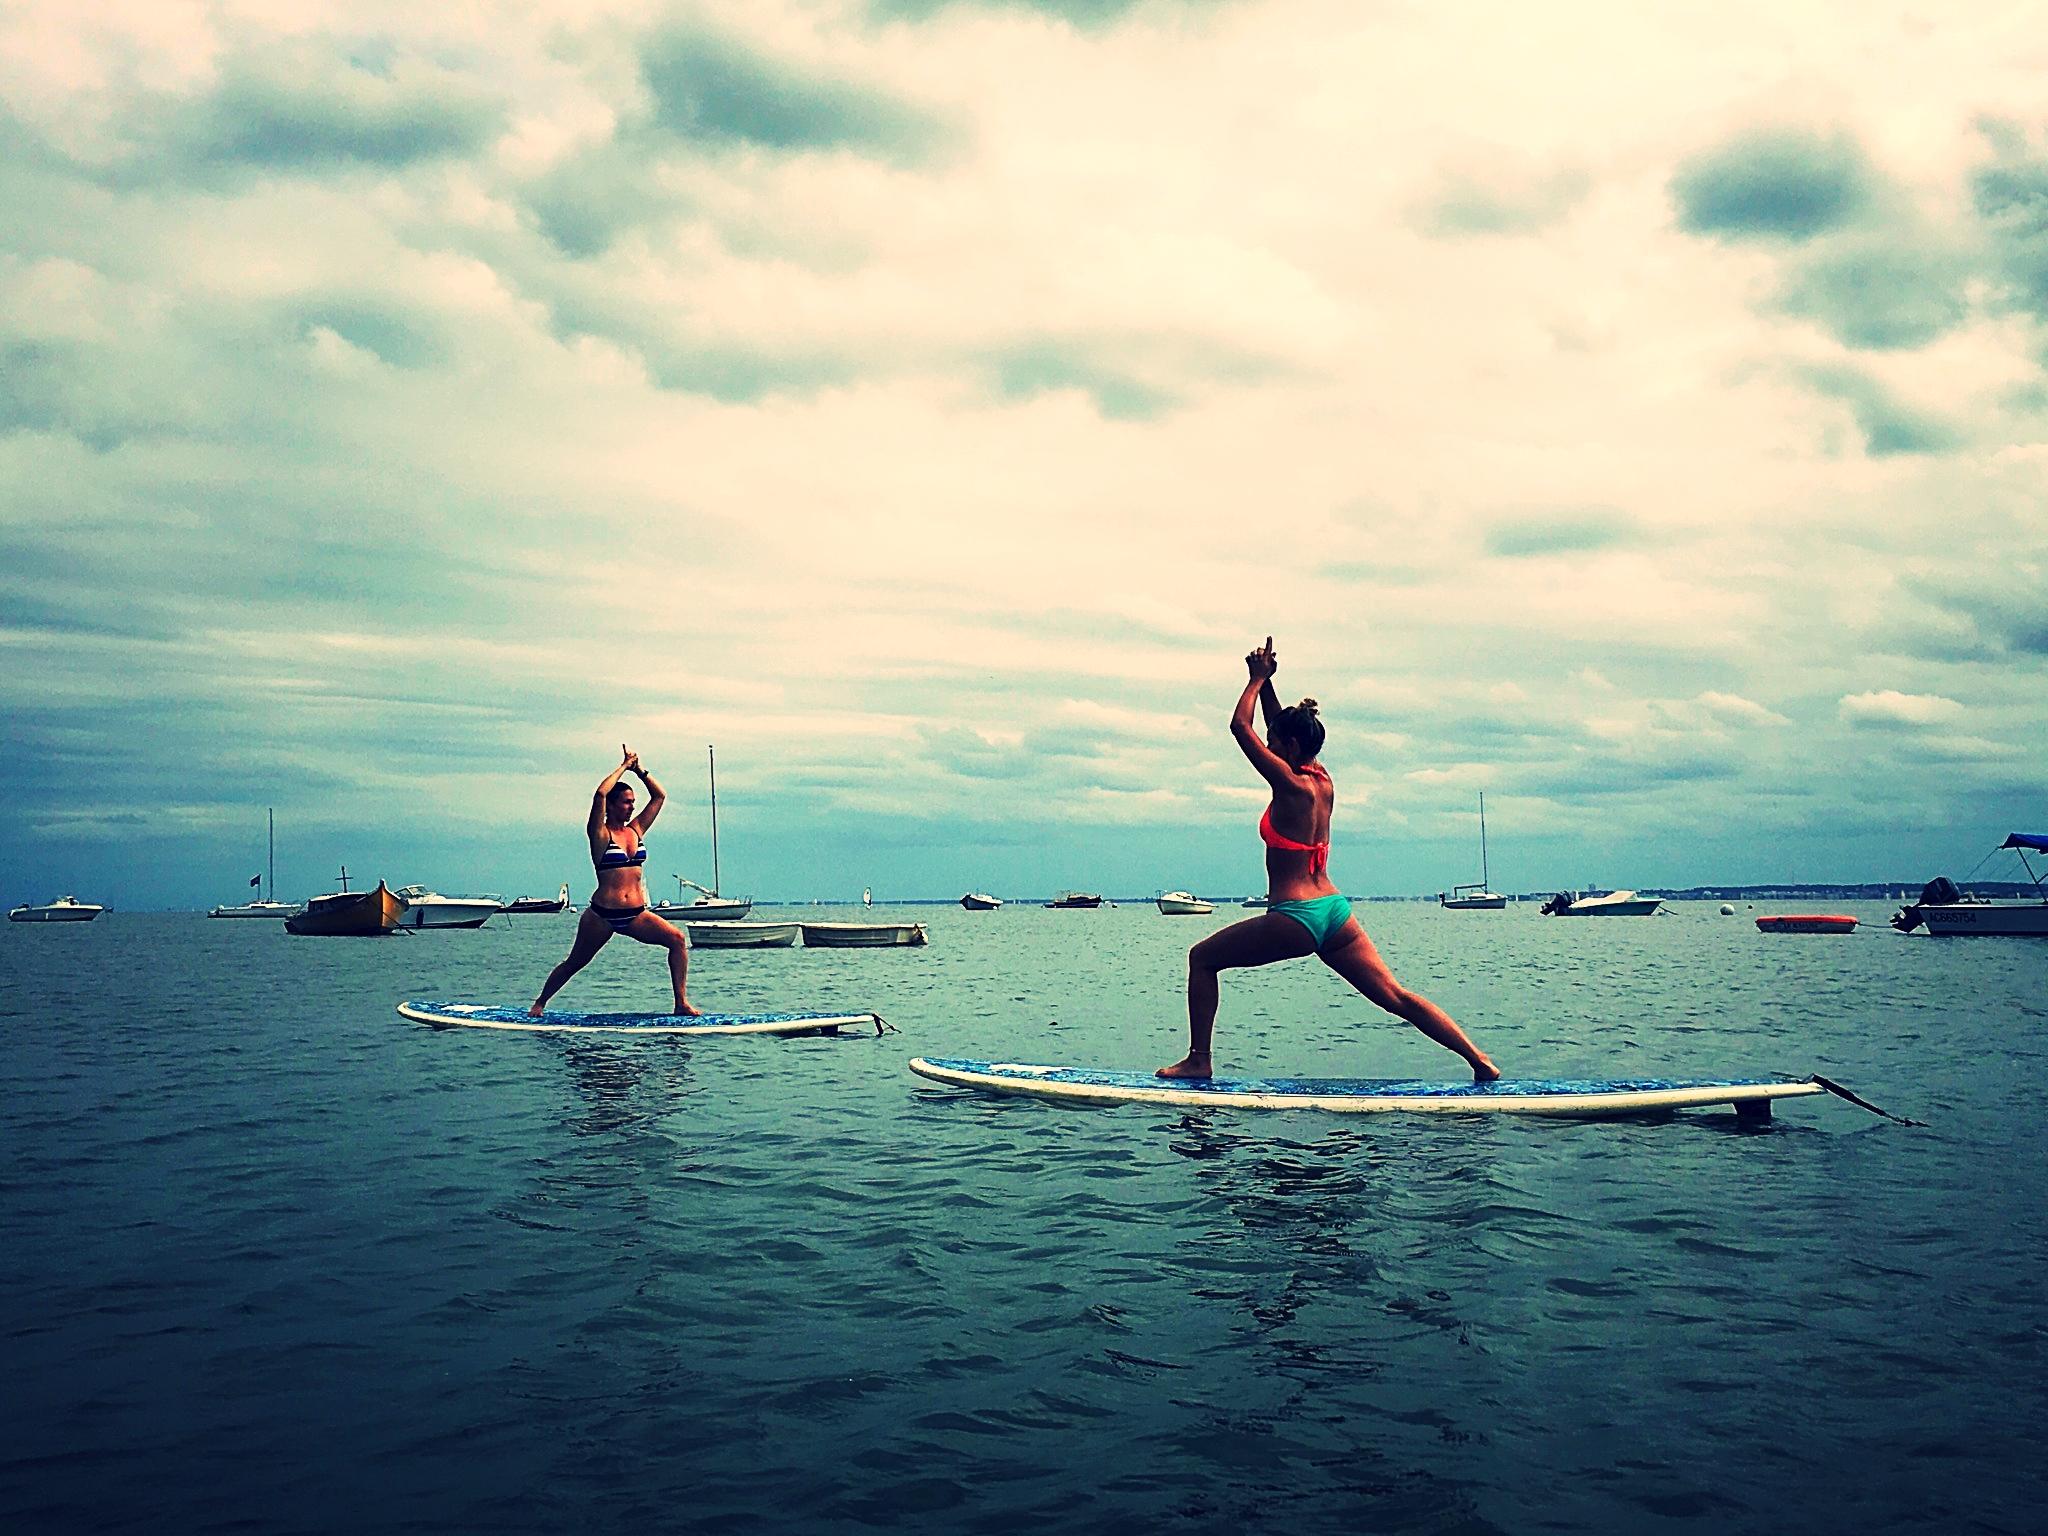 Séance de yoga sur Stand-up-paddle à La Cabane à Gliss', coté bassin, Claouey